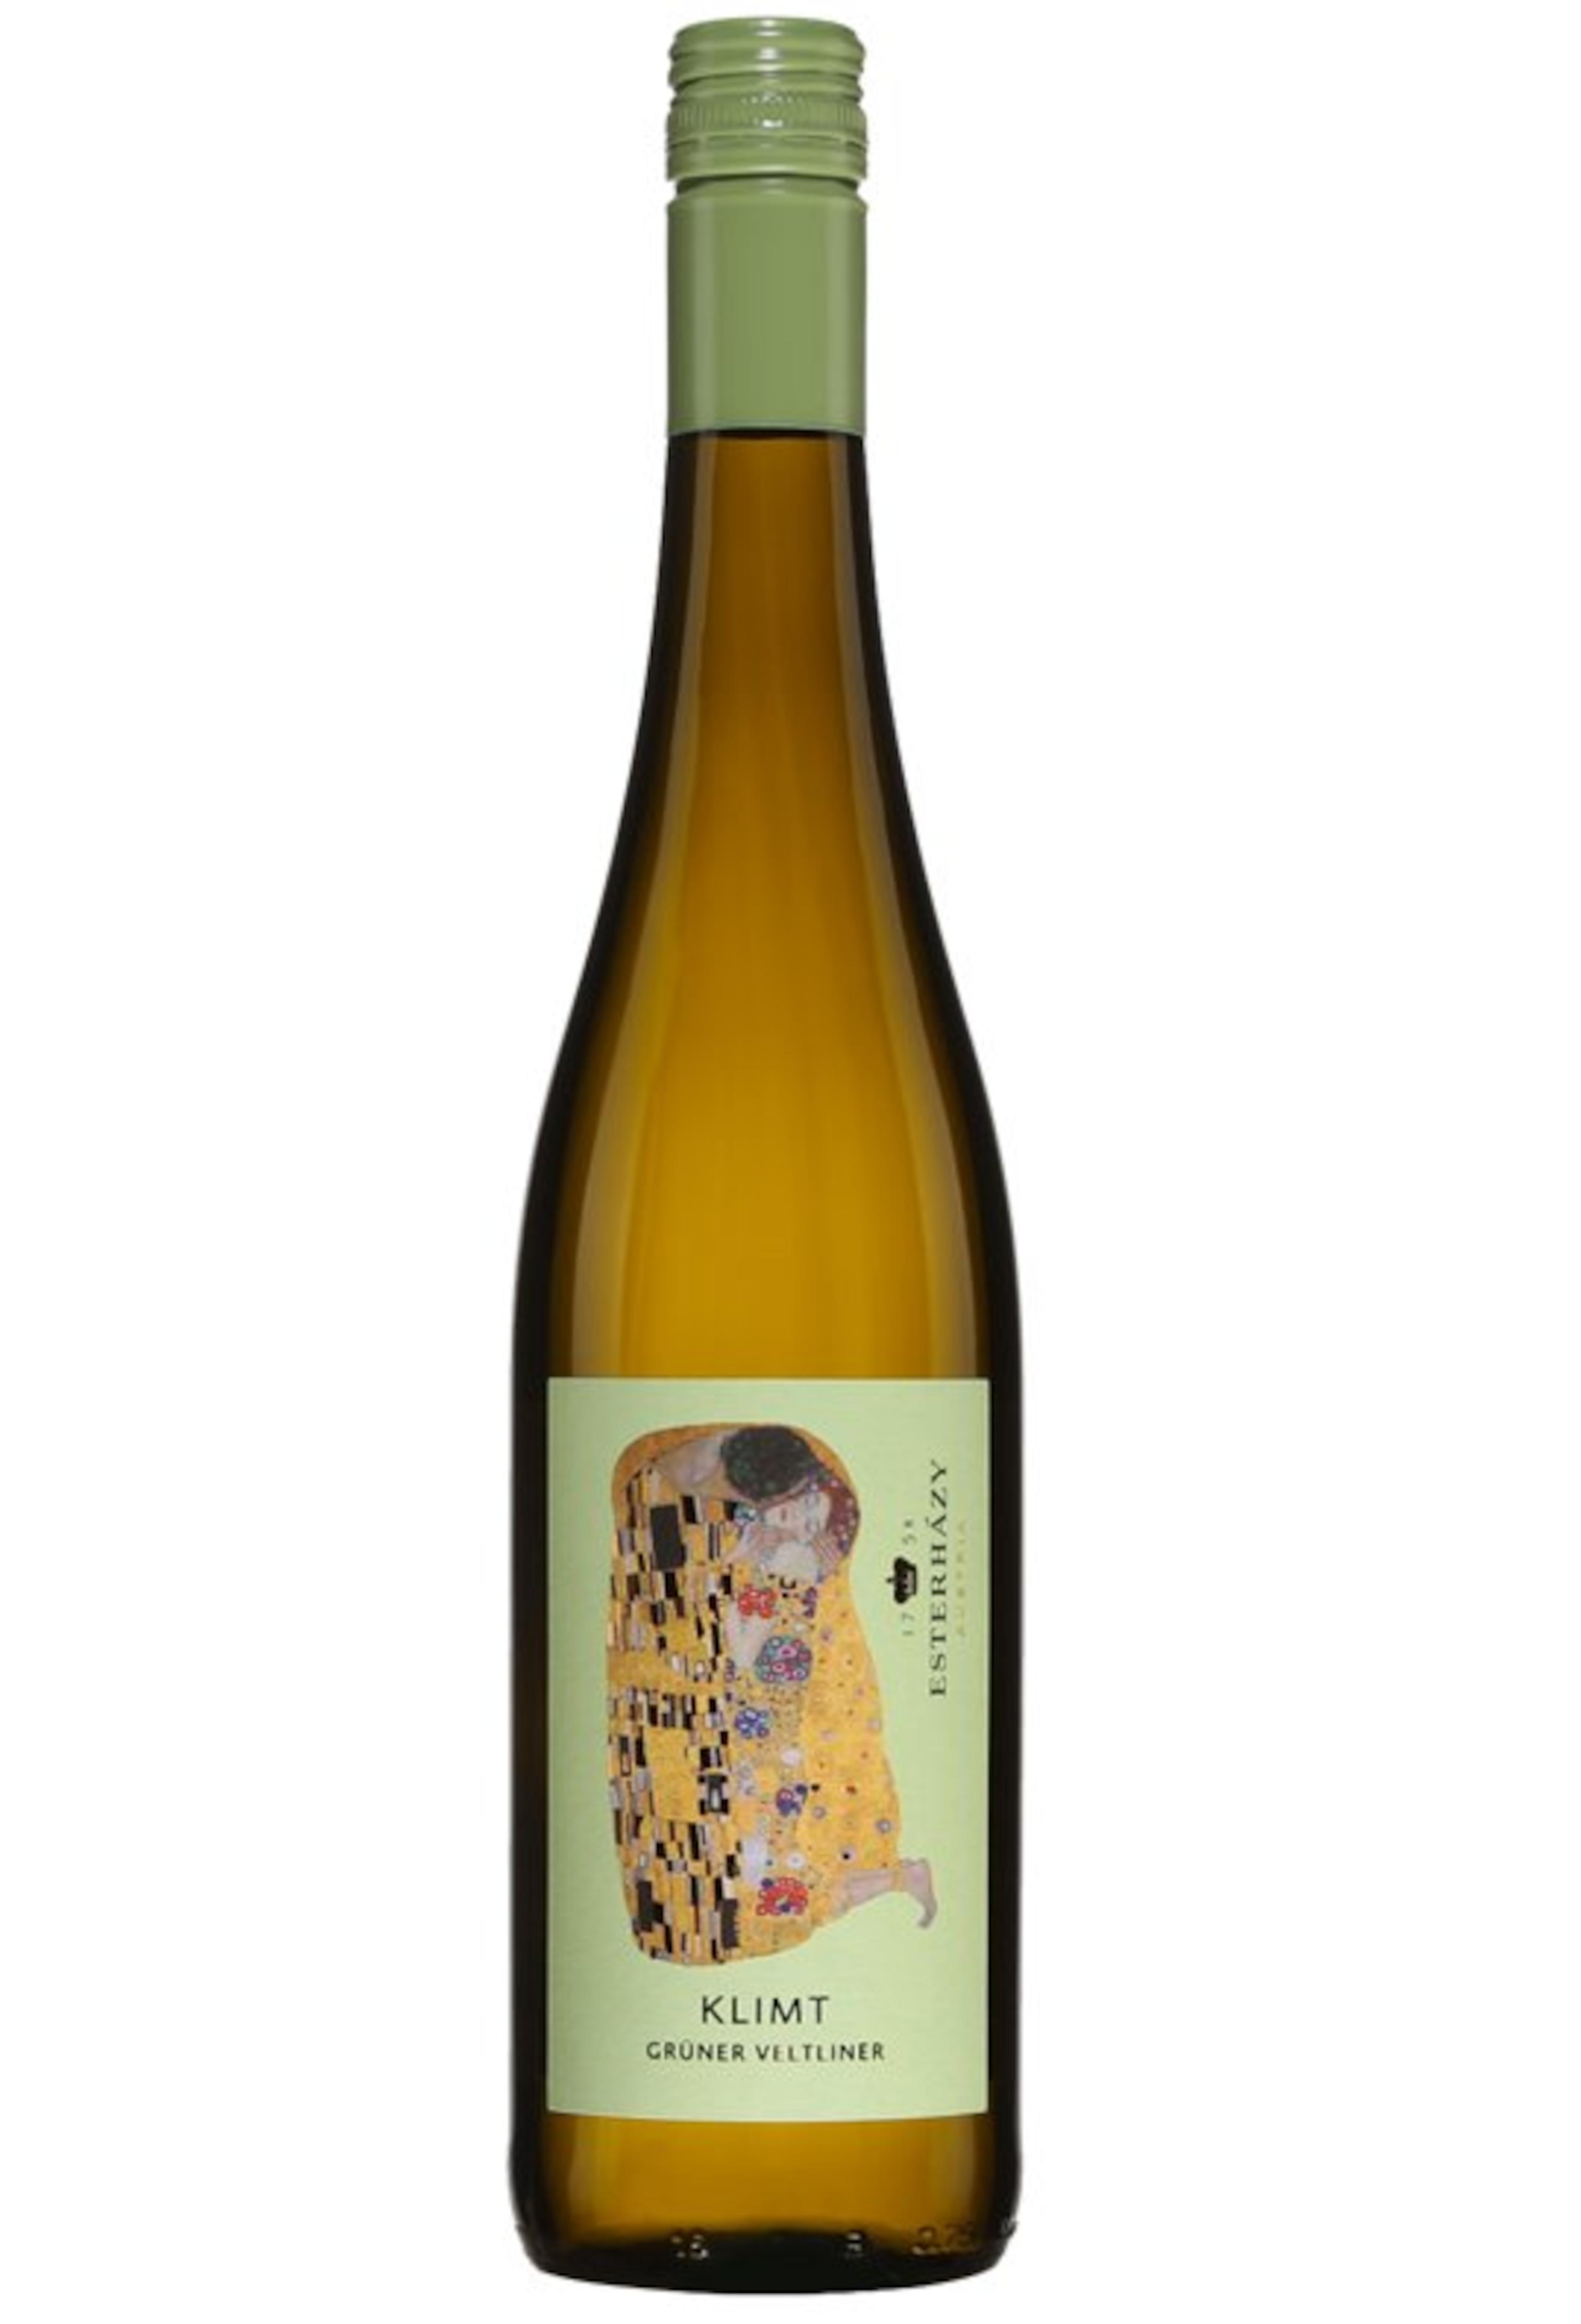 Une bouteille de vin blanc.